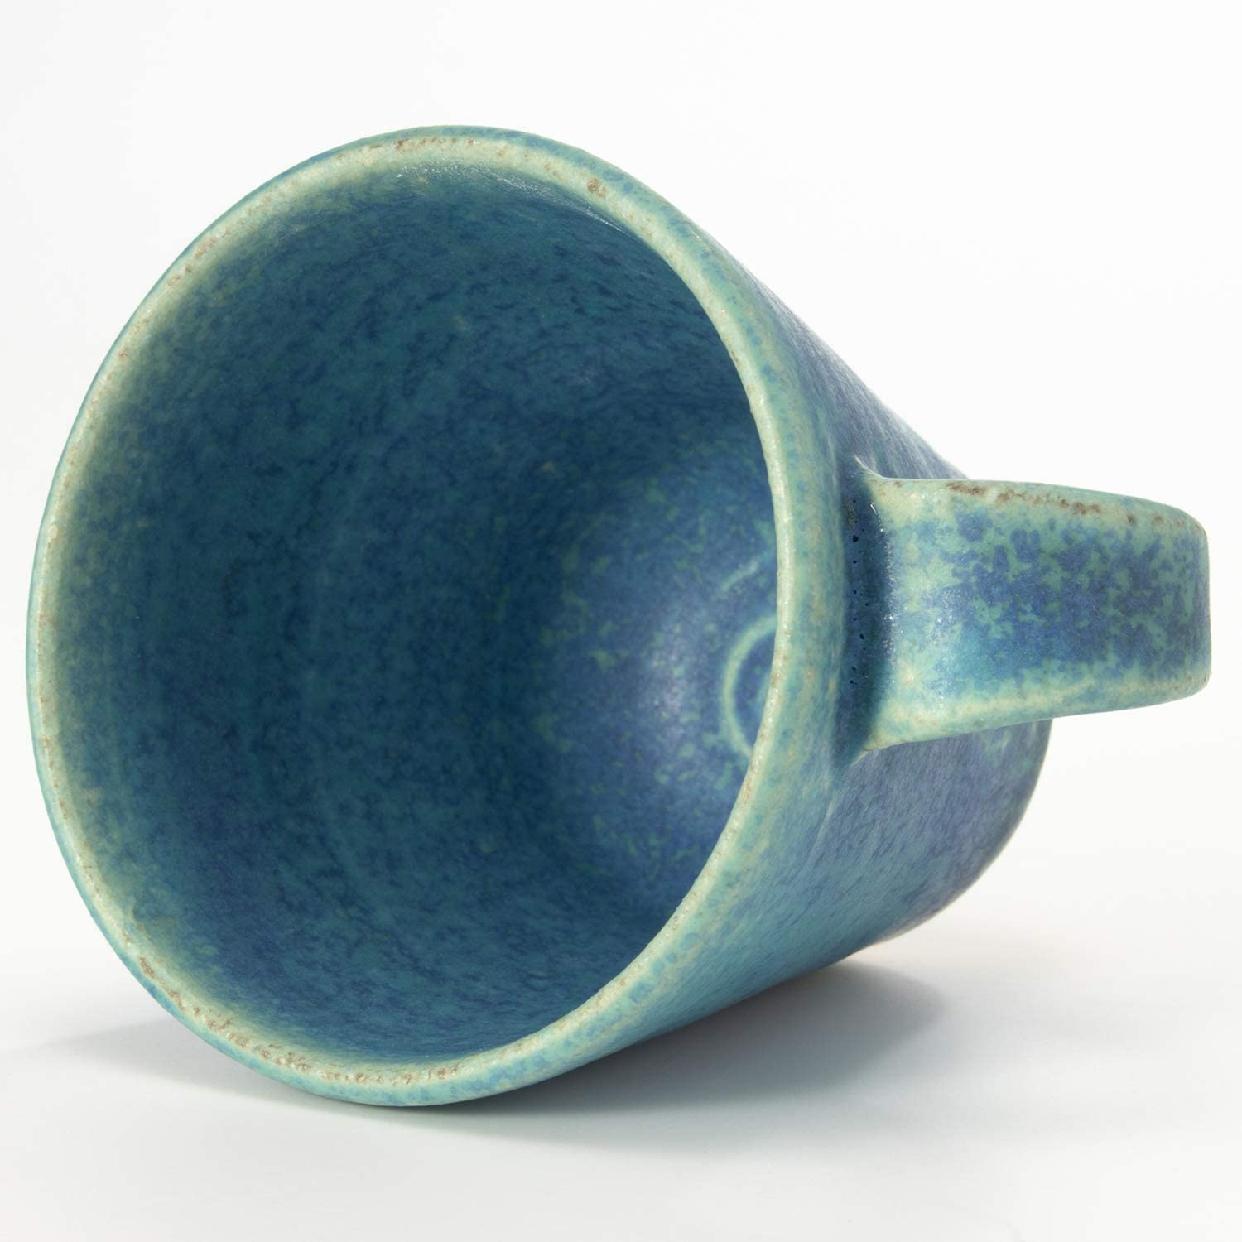 丸伊製陶 信楽焼 へちもん エスプレッソカップ 青彩釉の商品画像2